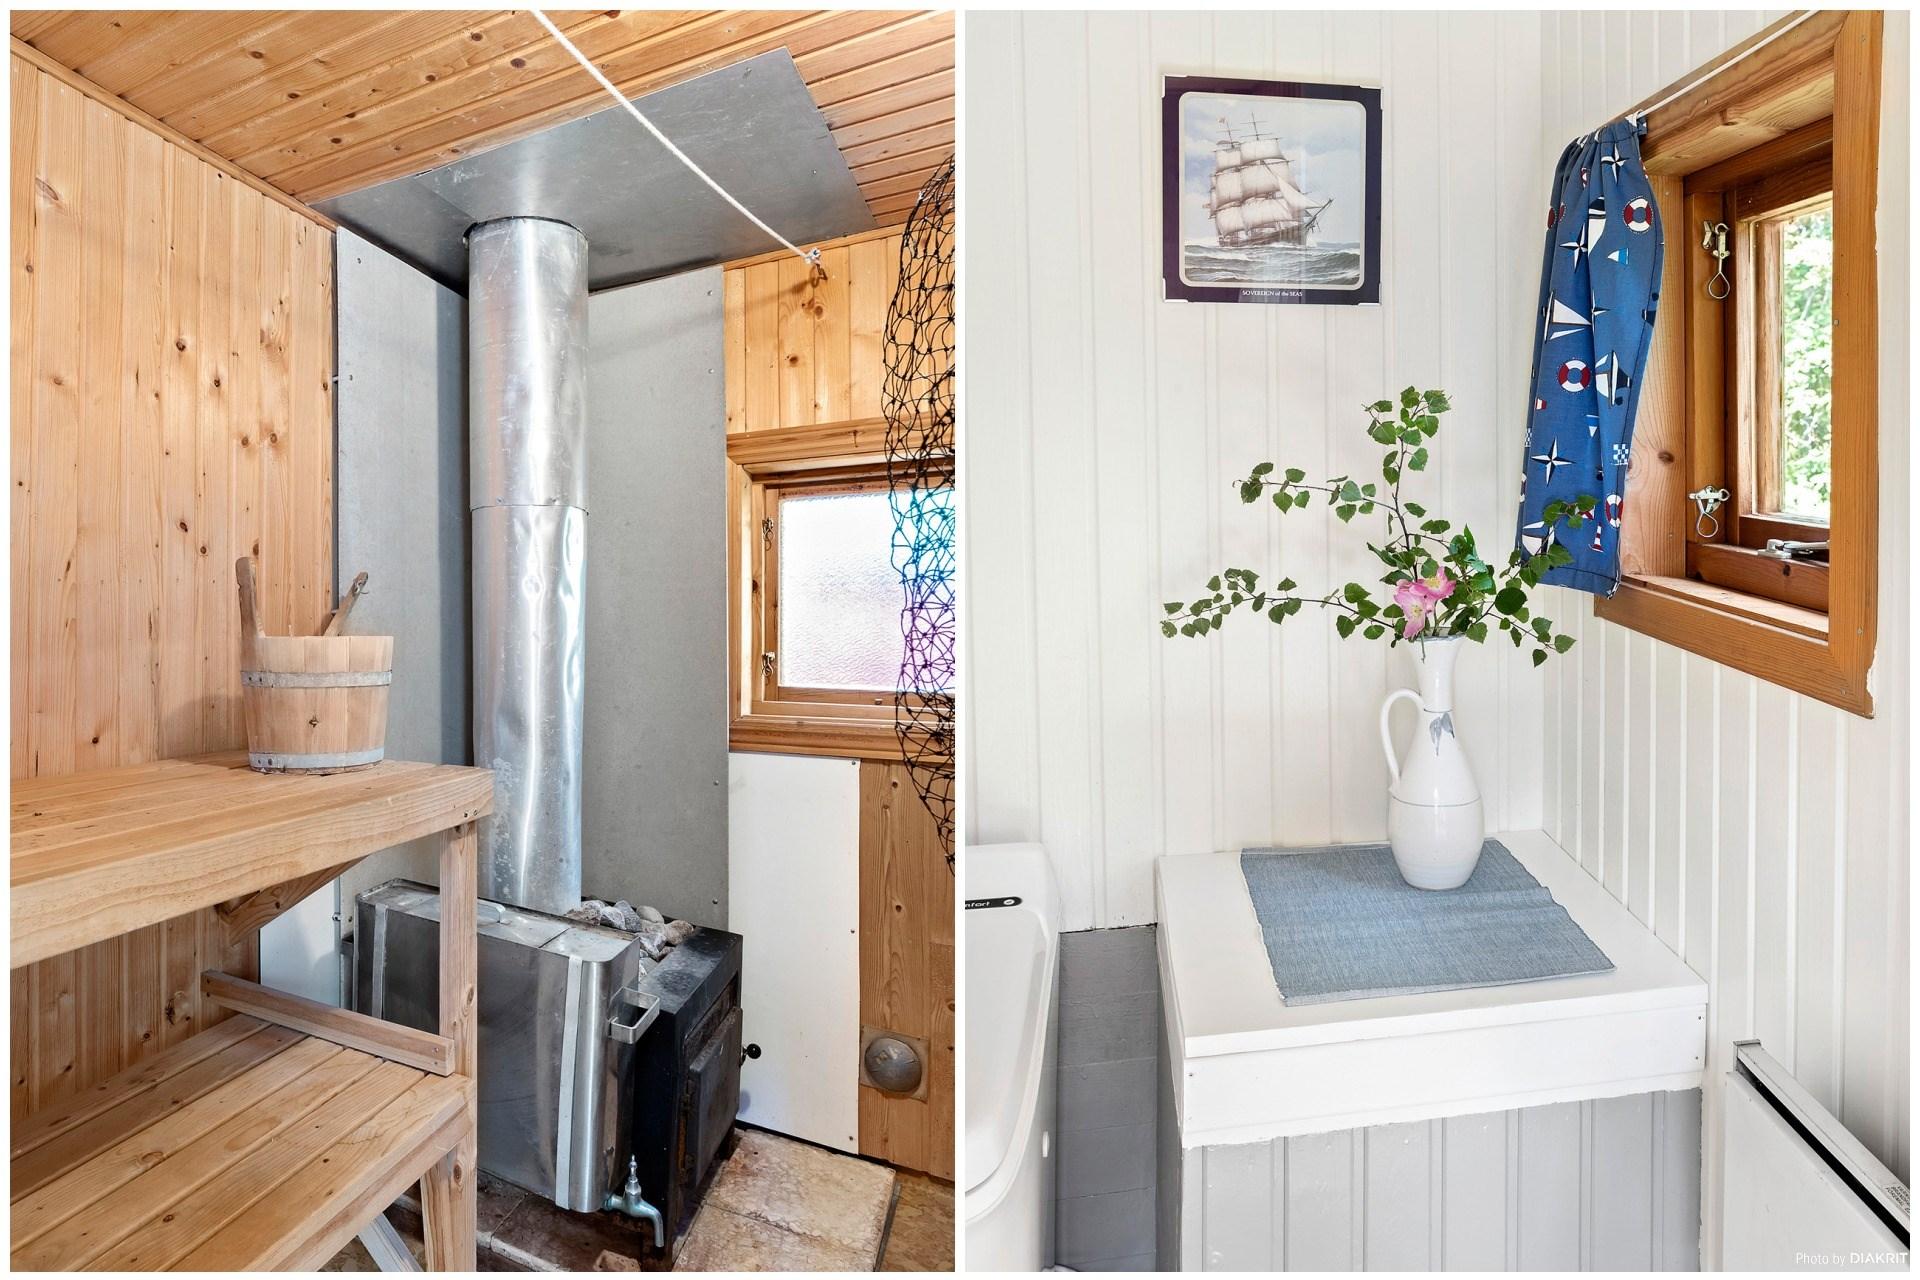 Uthuset med vedeldad bastu och toalett